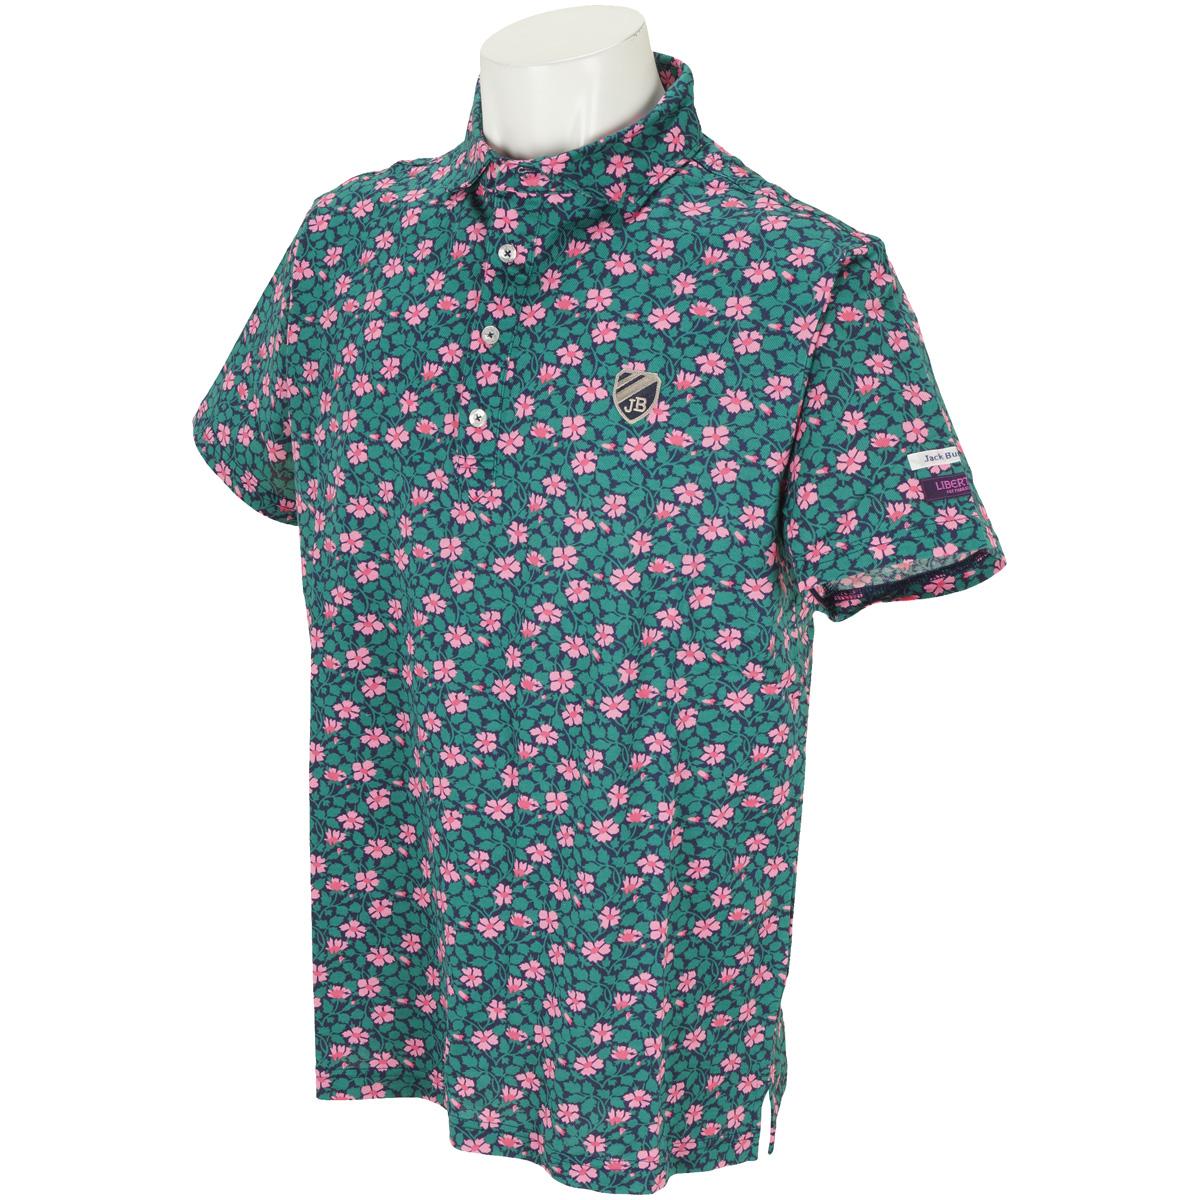 鹿の子 LIBERTY 半袖ポロシャツ